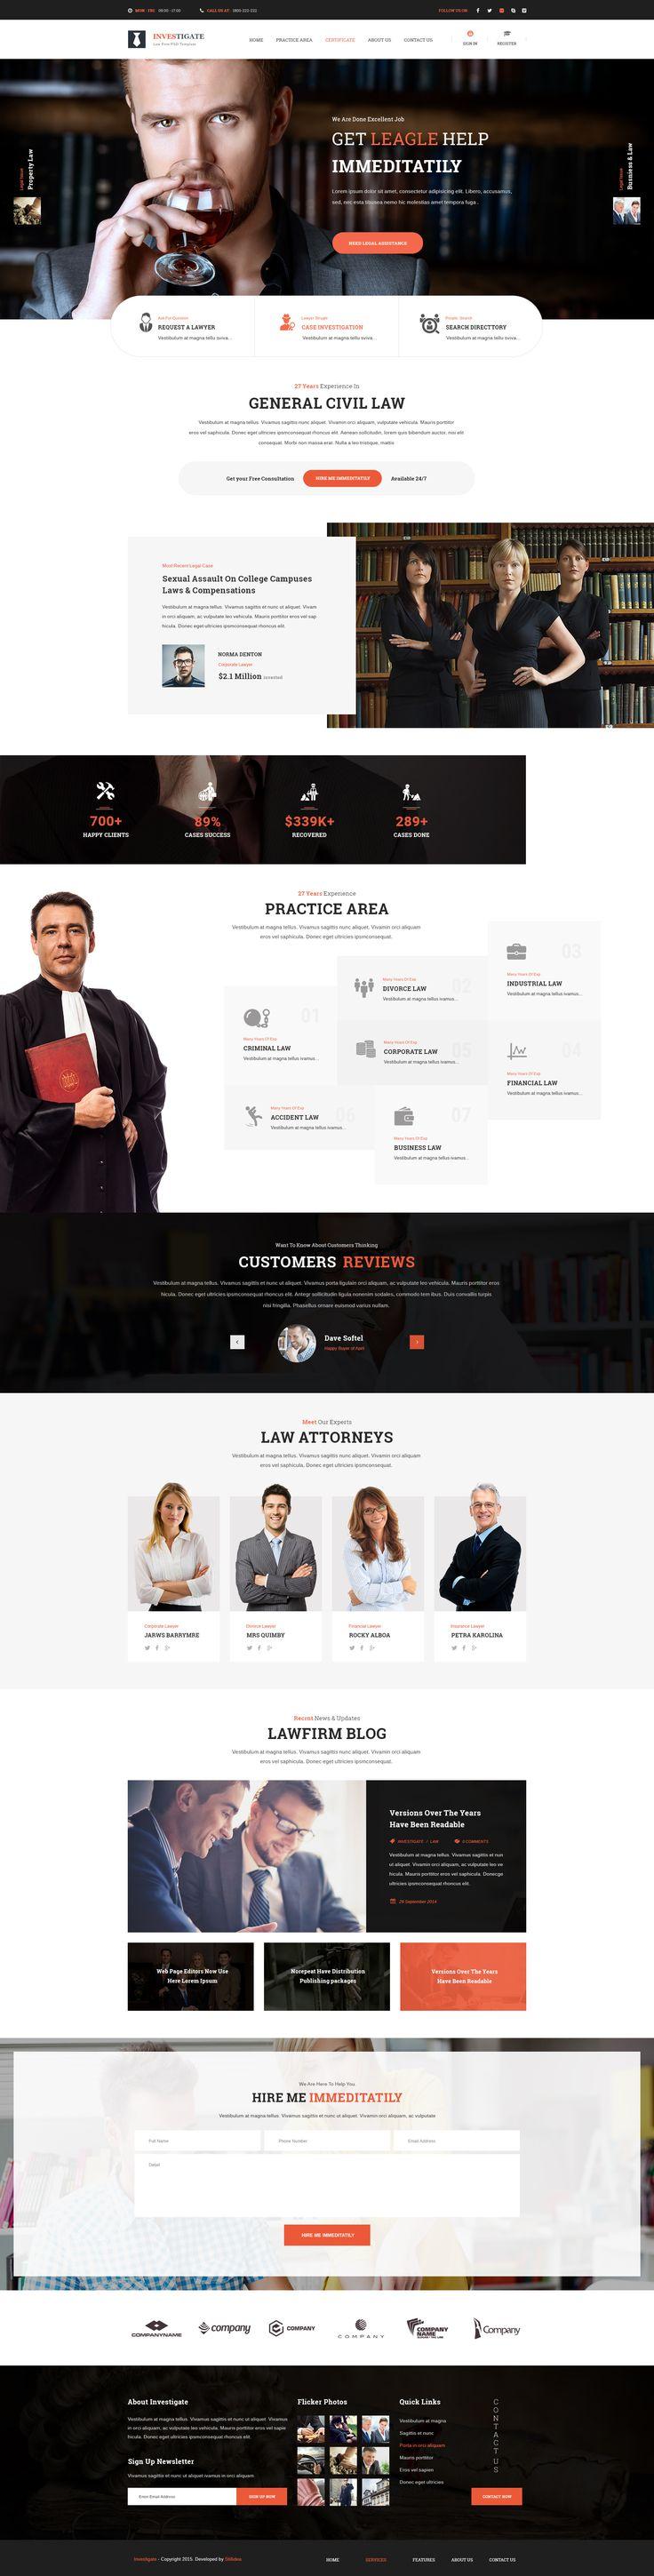 357 best IU Design Mobile & Web images on Pinterest